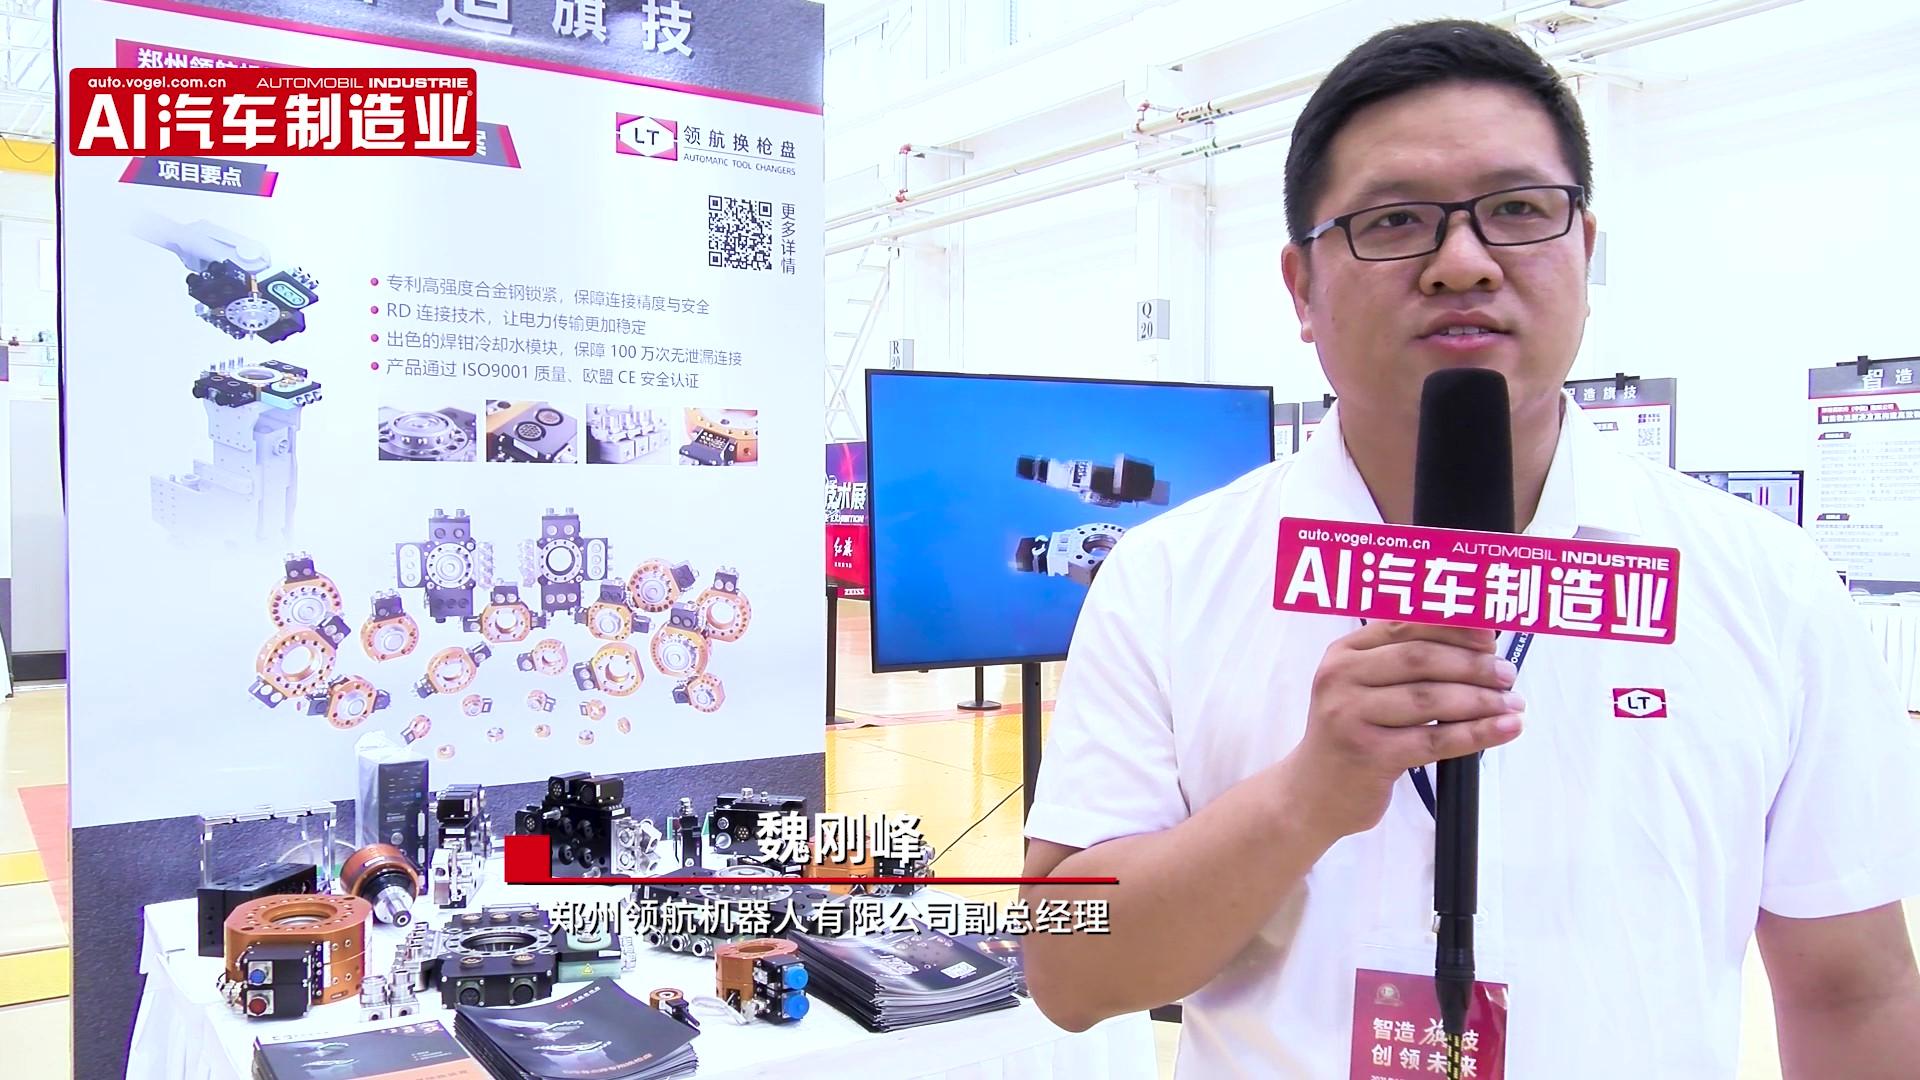 郑州领航机器人有限公司副总经理魏刚峰